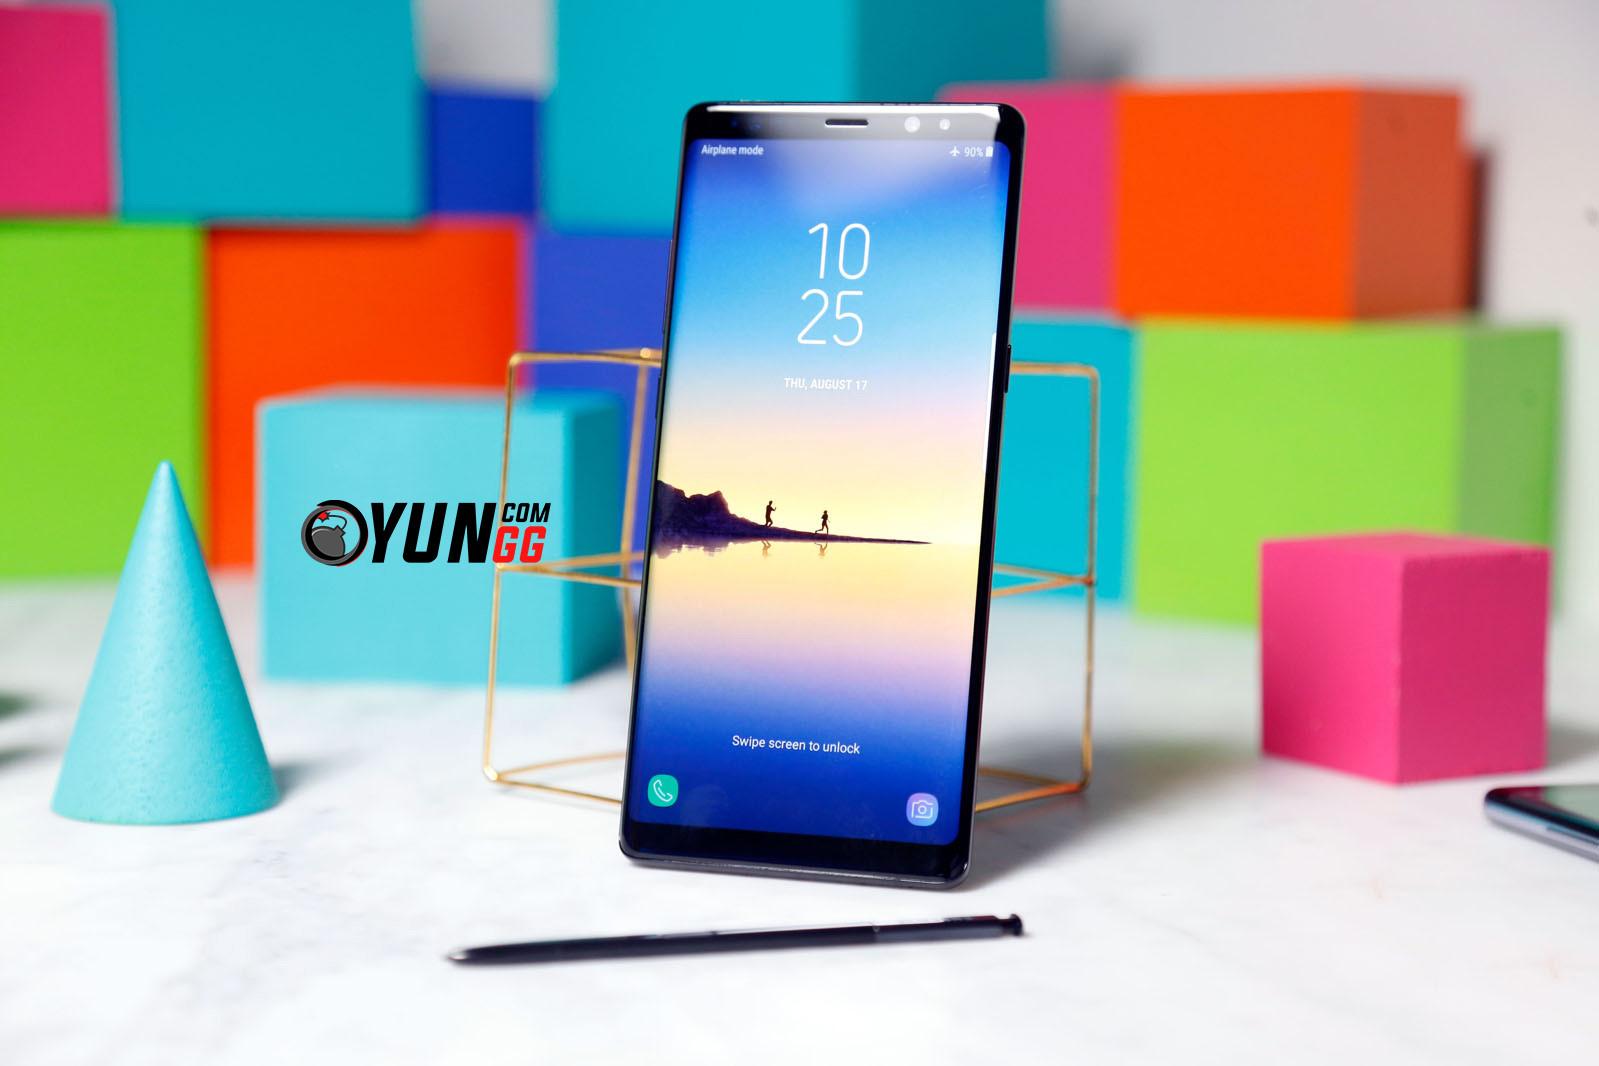 Büyük Gün! İşte Karşınızda Samsung Galaxy Note 8!